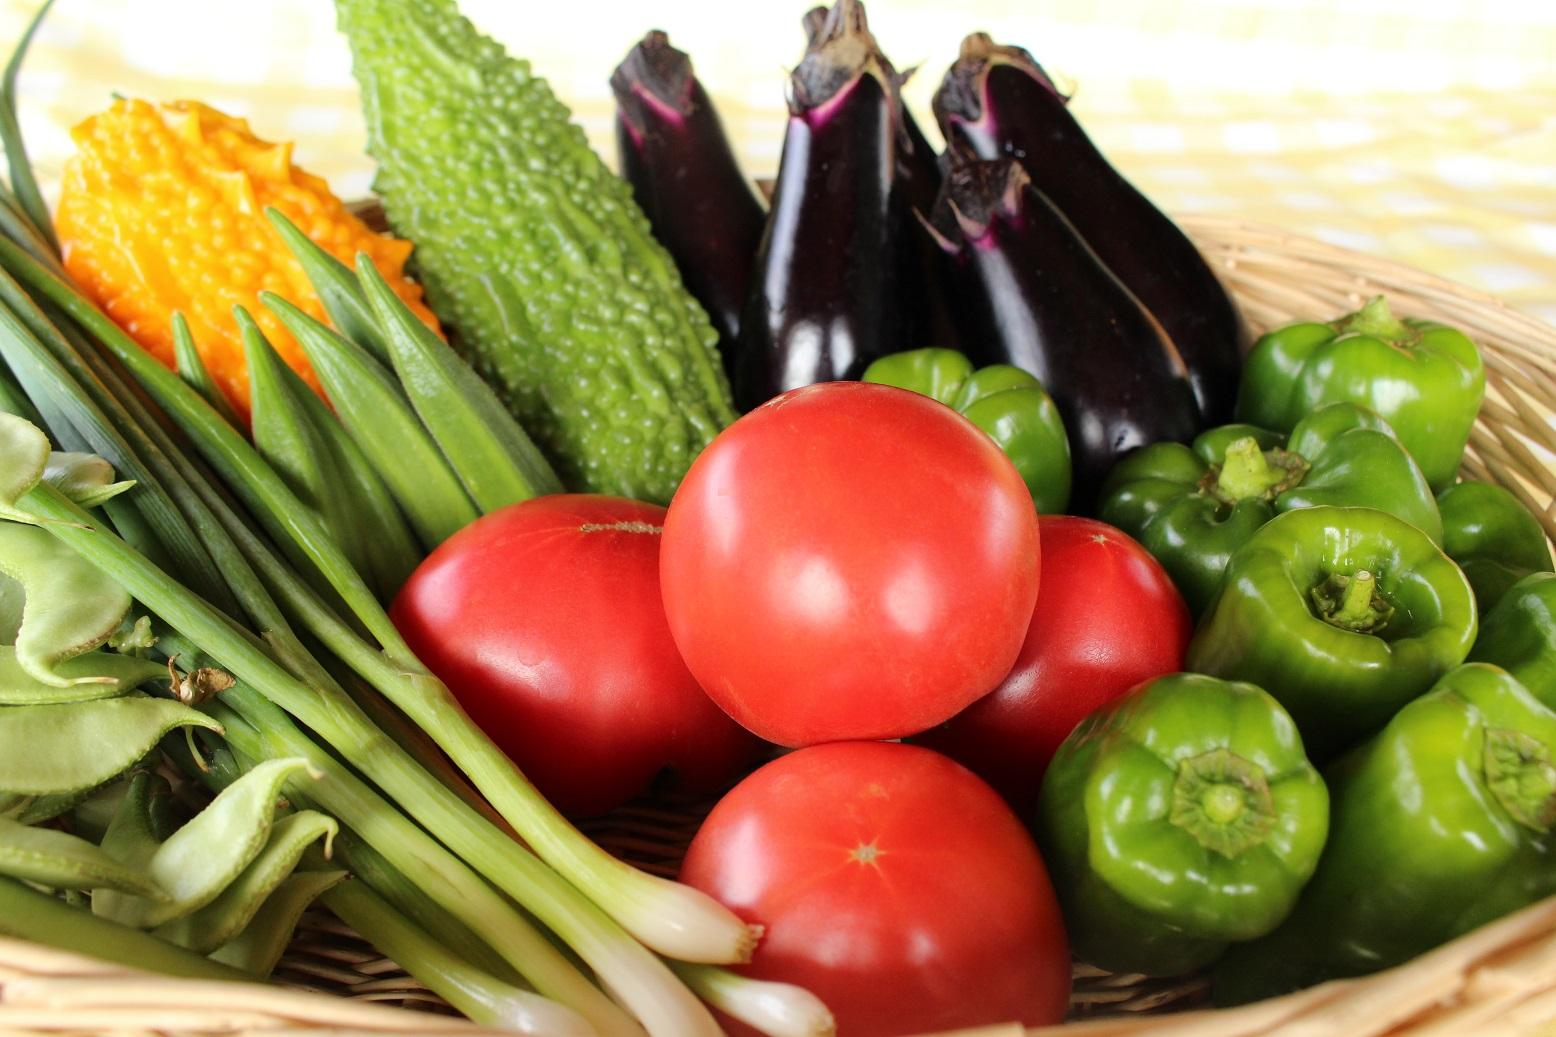 夏野菜のセット例